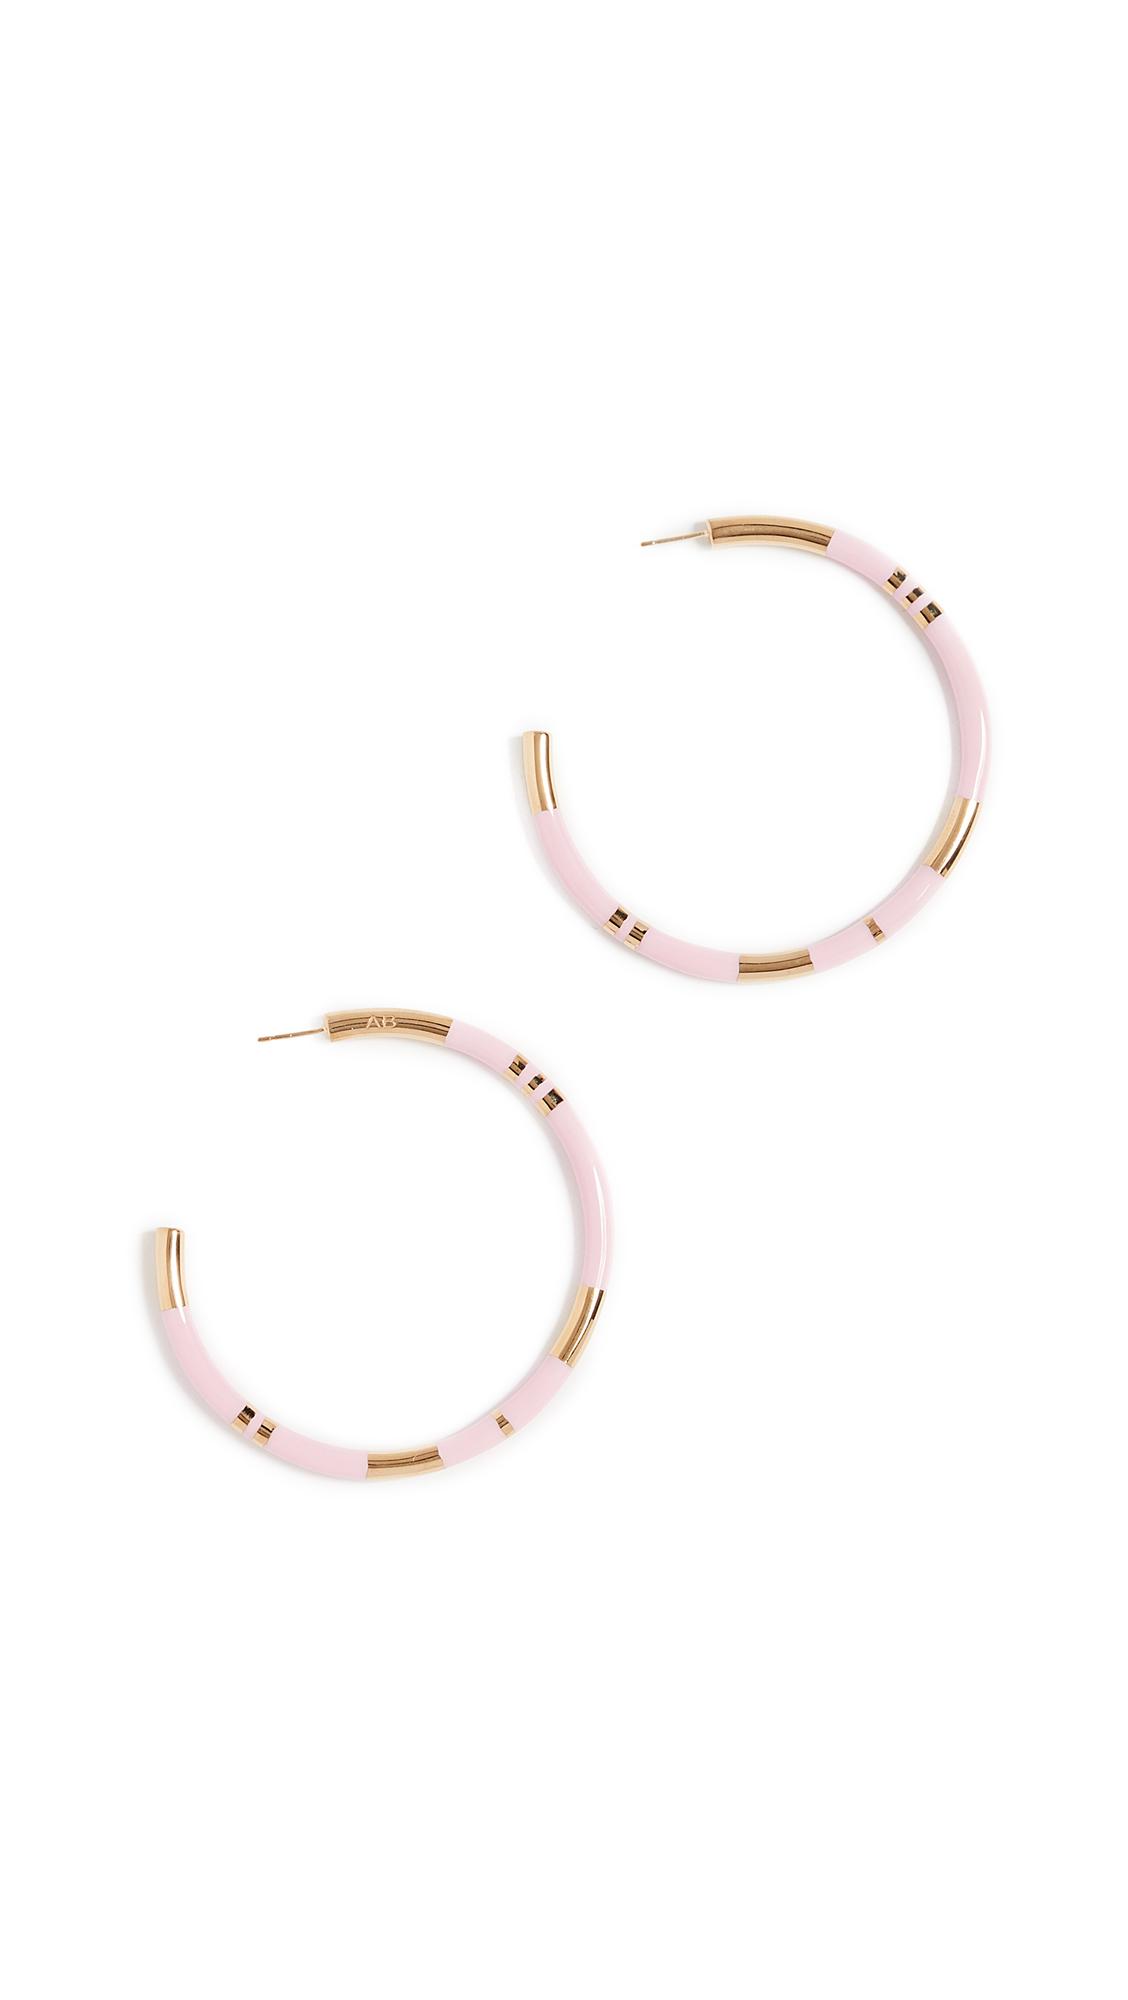 Aurélie Bidermann Positano Large Hoop Earrings in Baby Pink 18K Gold-Plated Brass NbA06